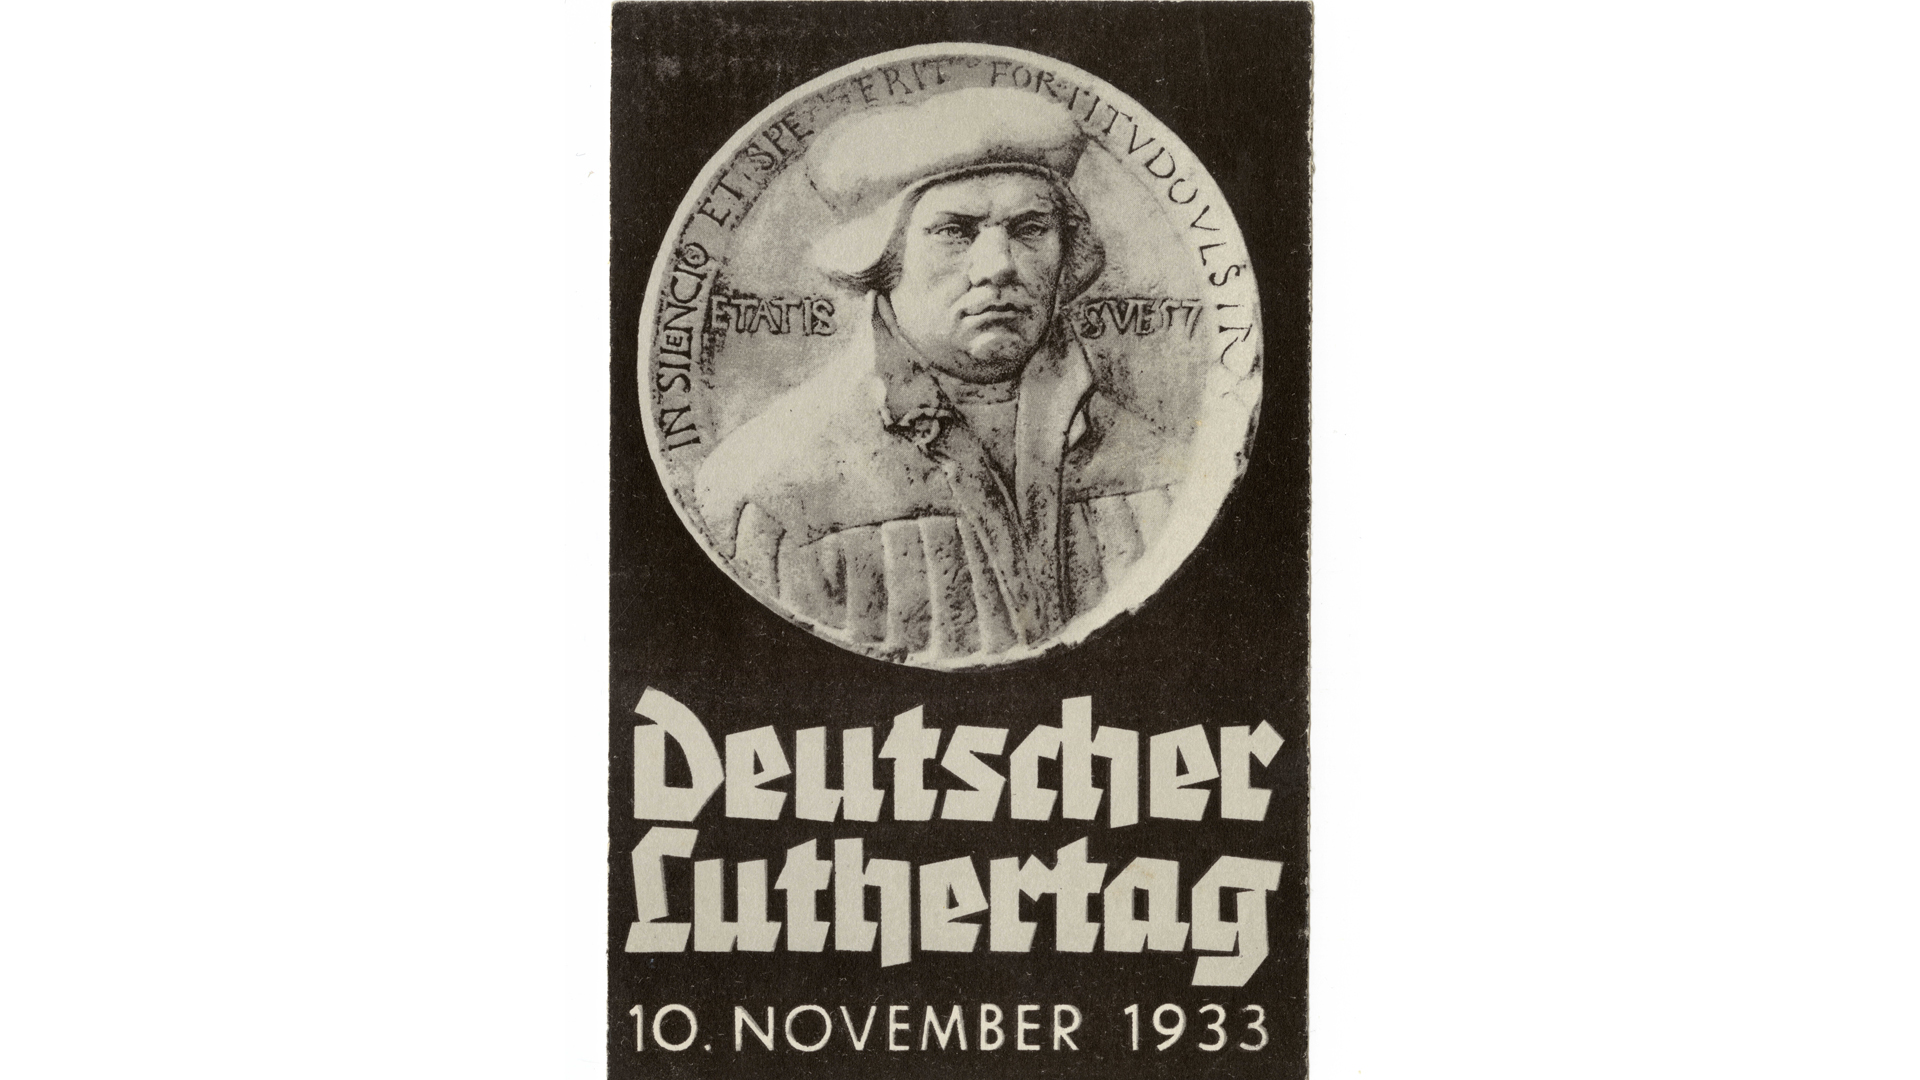 Postkarte zum Deutschen Luthertag von 1933